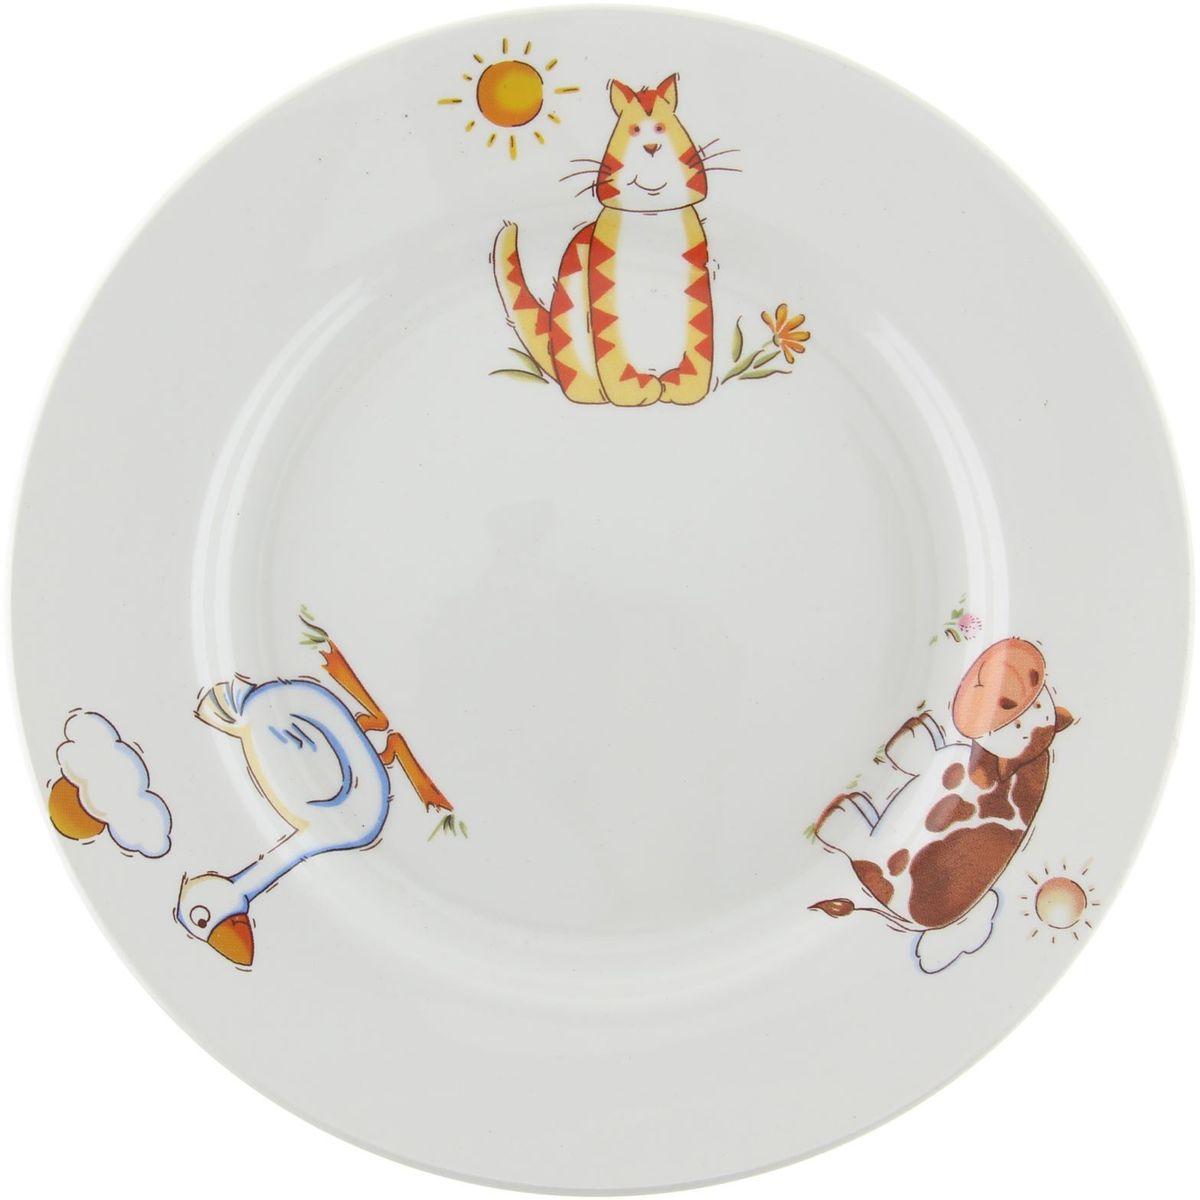 Кубаньфарфор Тарелка детская Зоопарк1301356Фаянсовая детская посуда с забавным рисунком понравится каждому малышу. Изделие из качественного материала станет правильным выбором для повседневной эксплуатации и поможет превратить каждый прием пищи в радостное приключение.Особенности:- простота мойки,- стойкость к запахам,- насыщенный цвет.